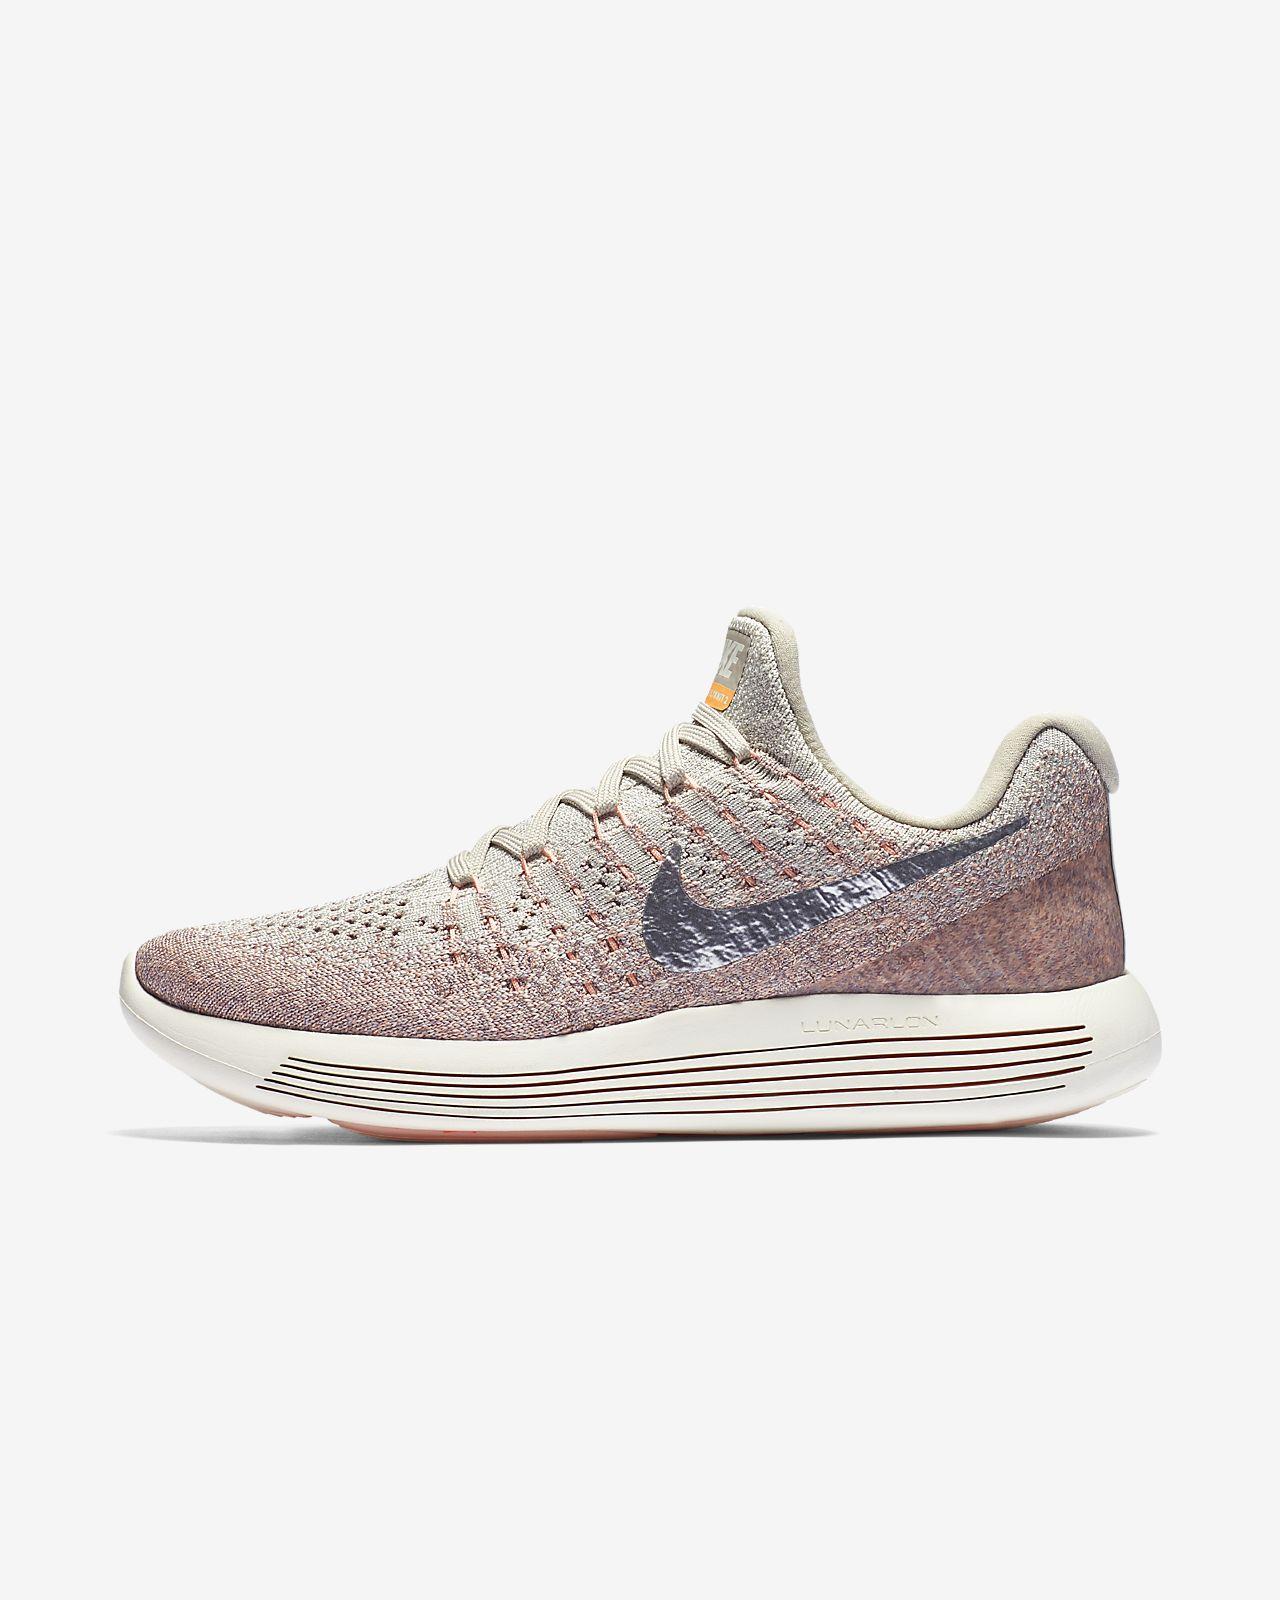 Nike LunarEpic Low Flyknit 2 Women s Running Shoe. Nike.com BG 0853b69519e3